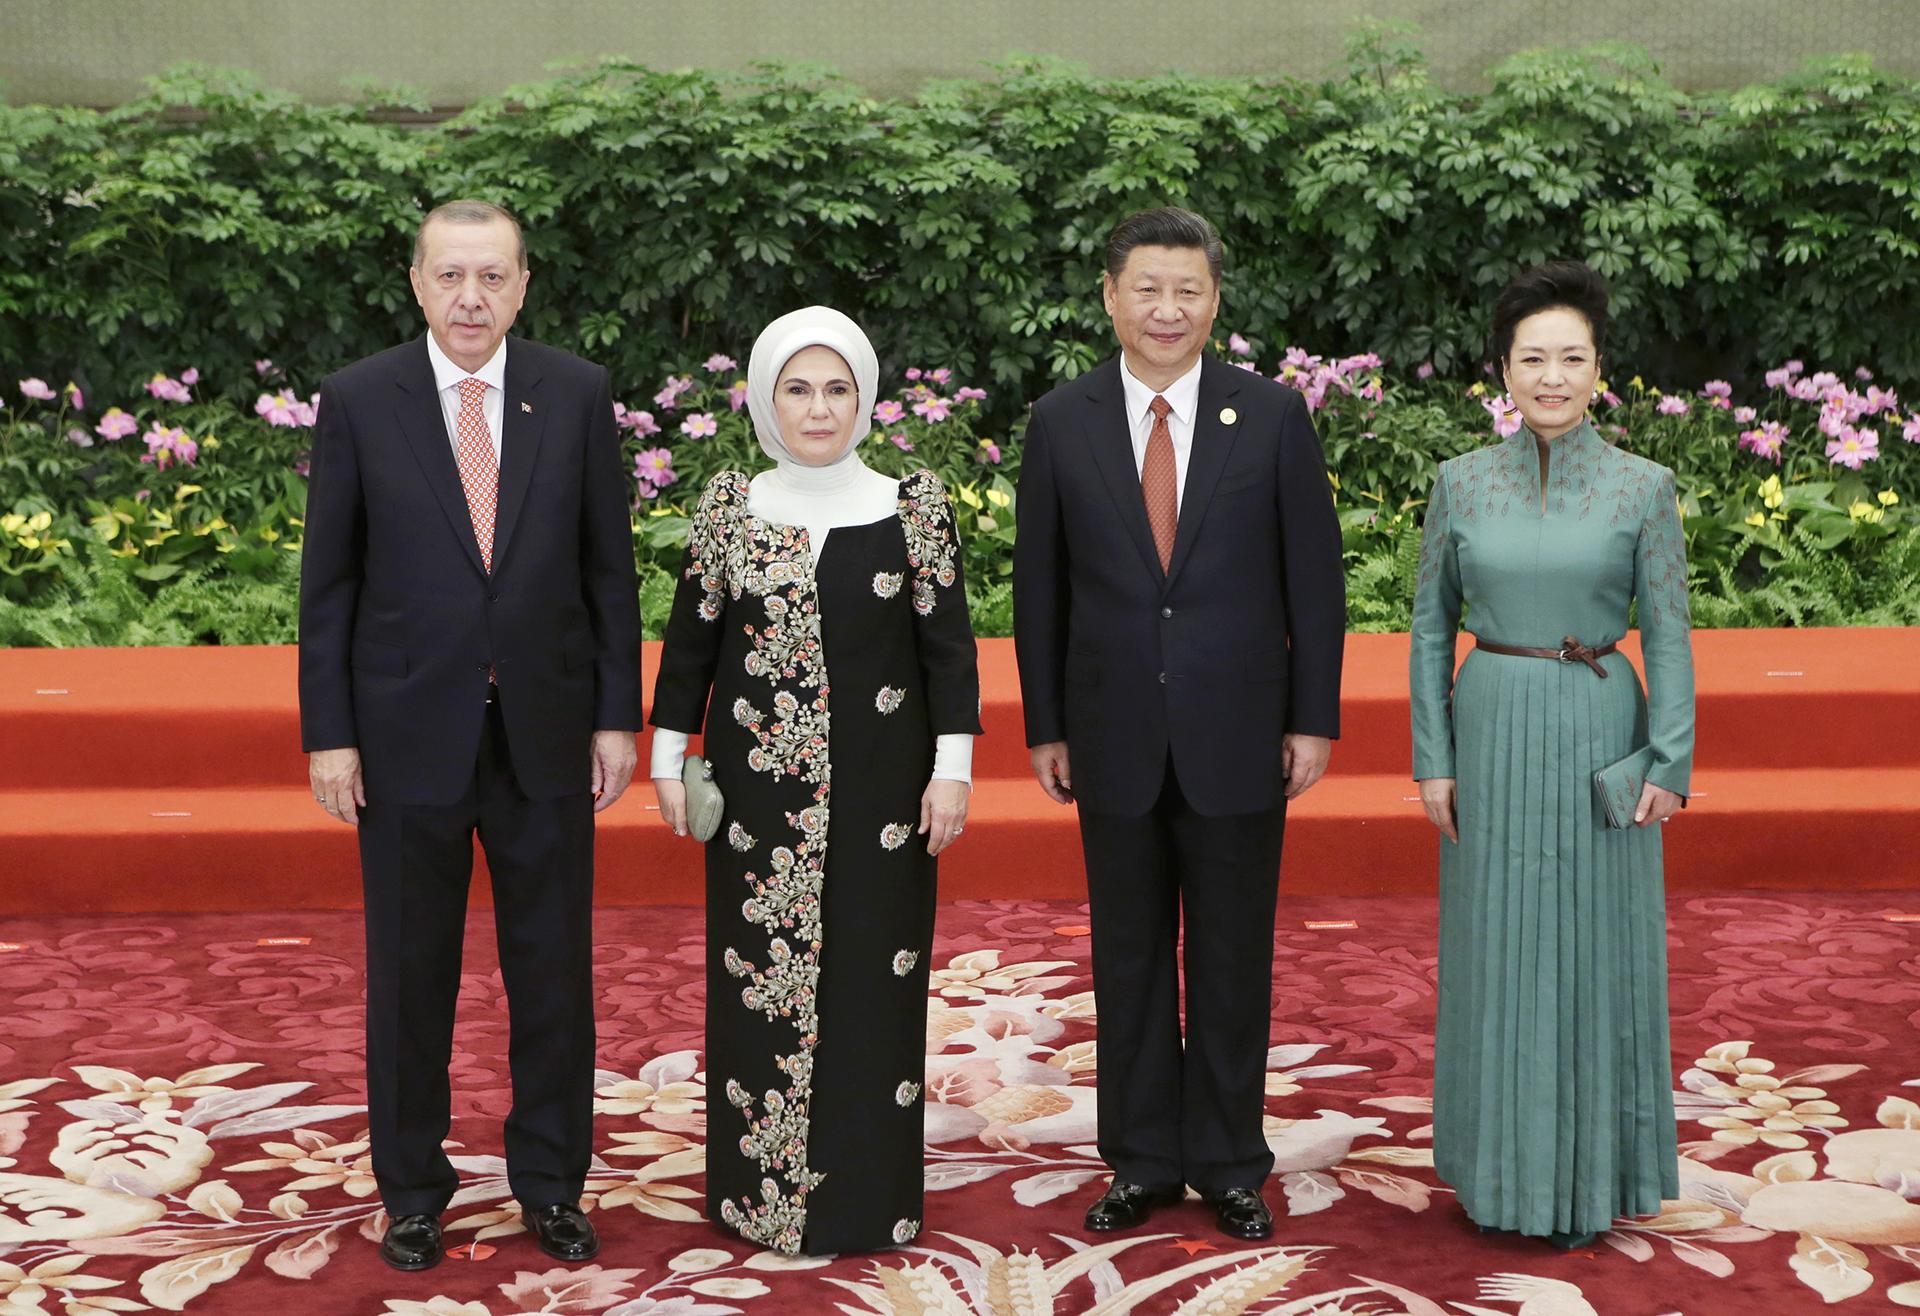 El presidente turco Recep Erdogan y su mujer también estuvieron presentes en la cumbre